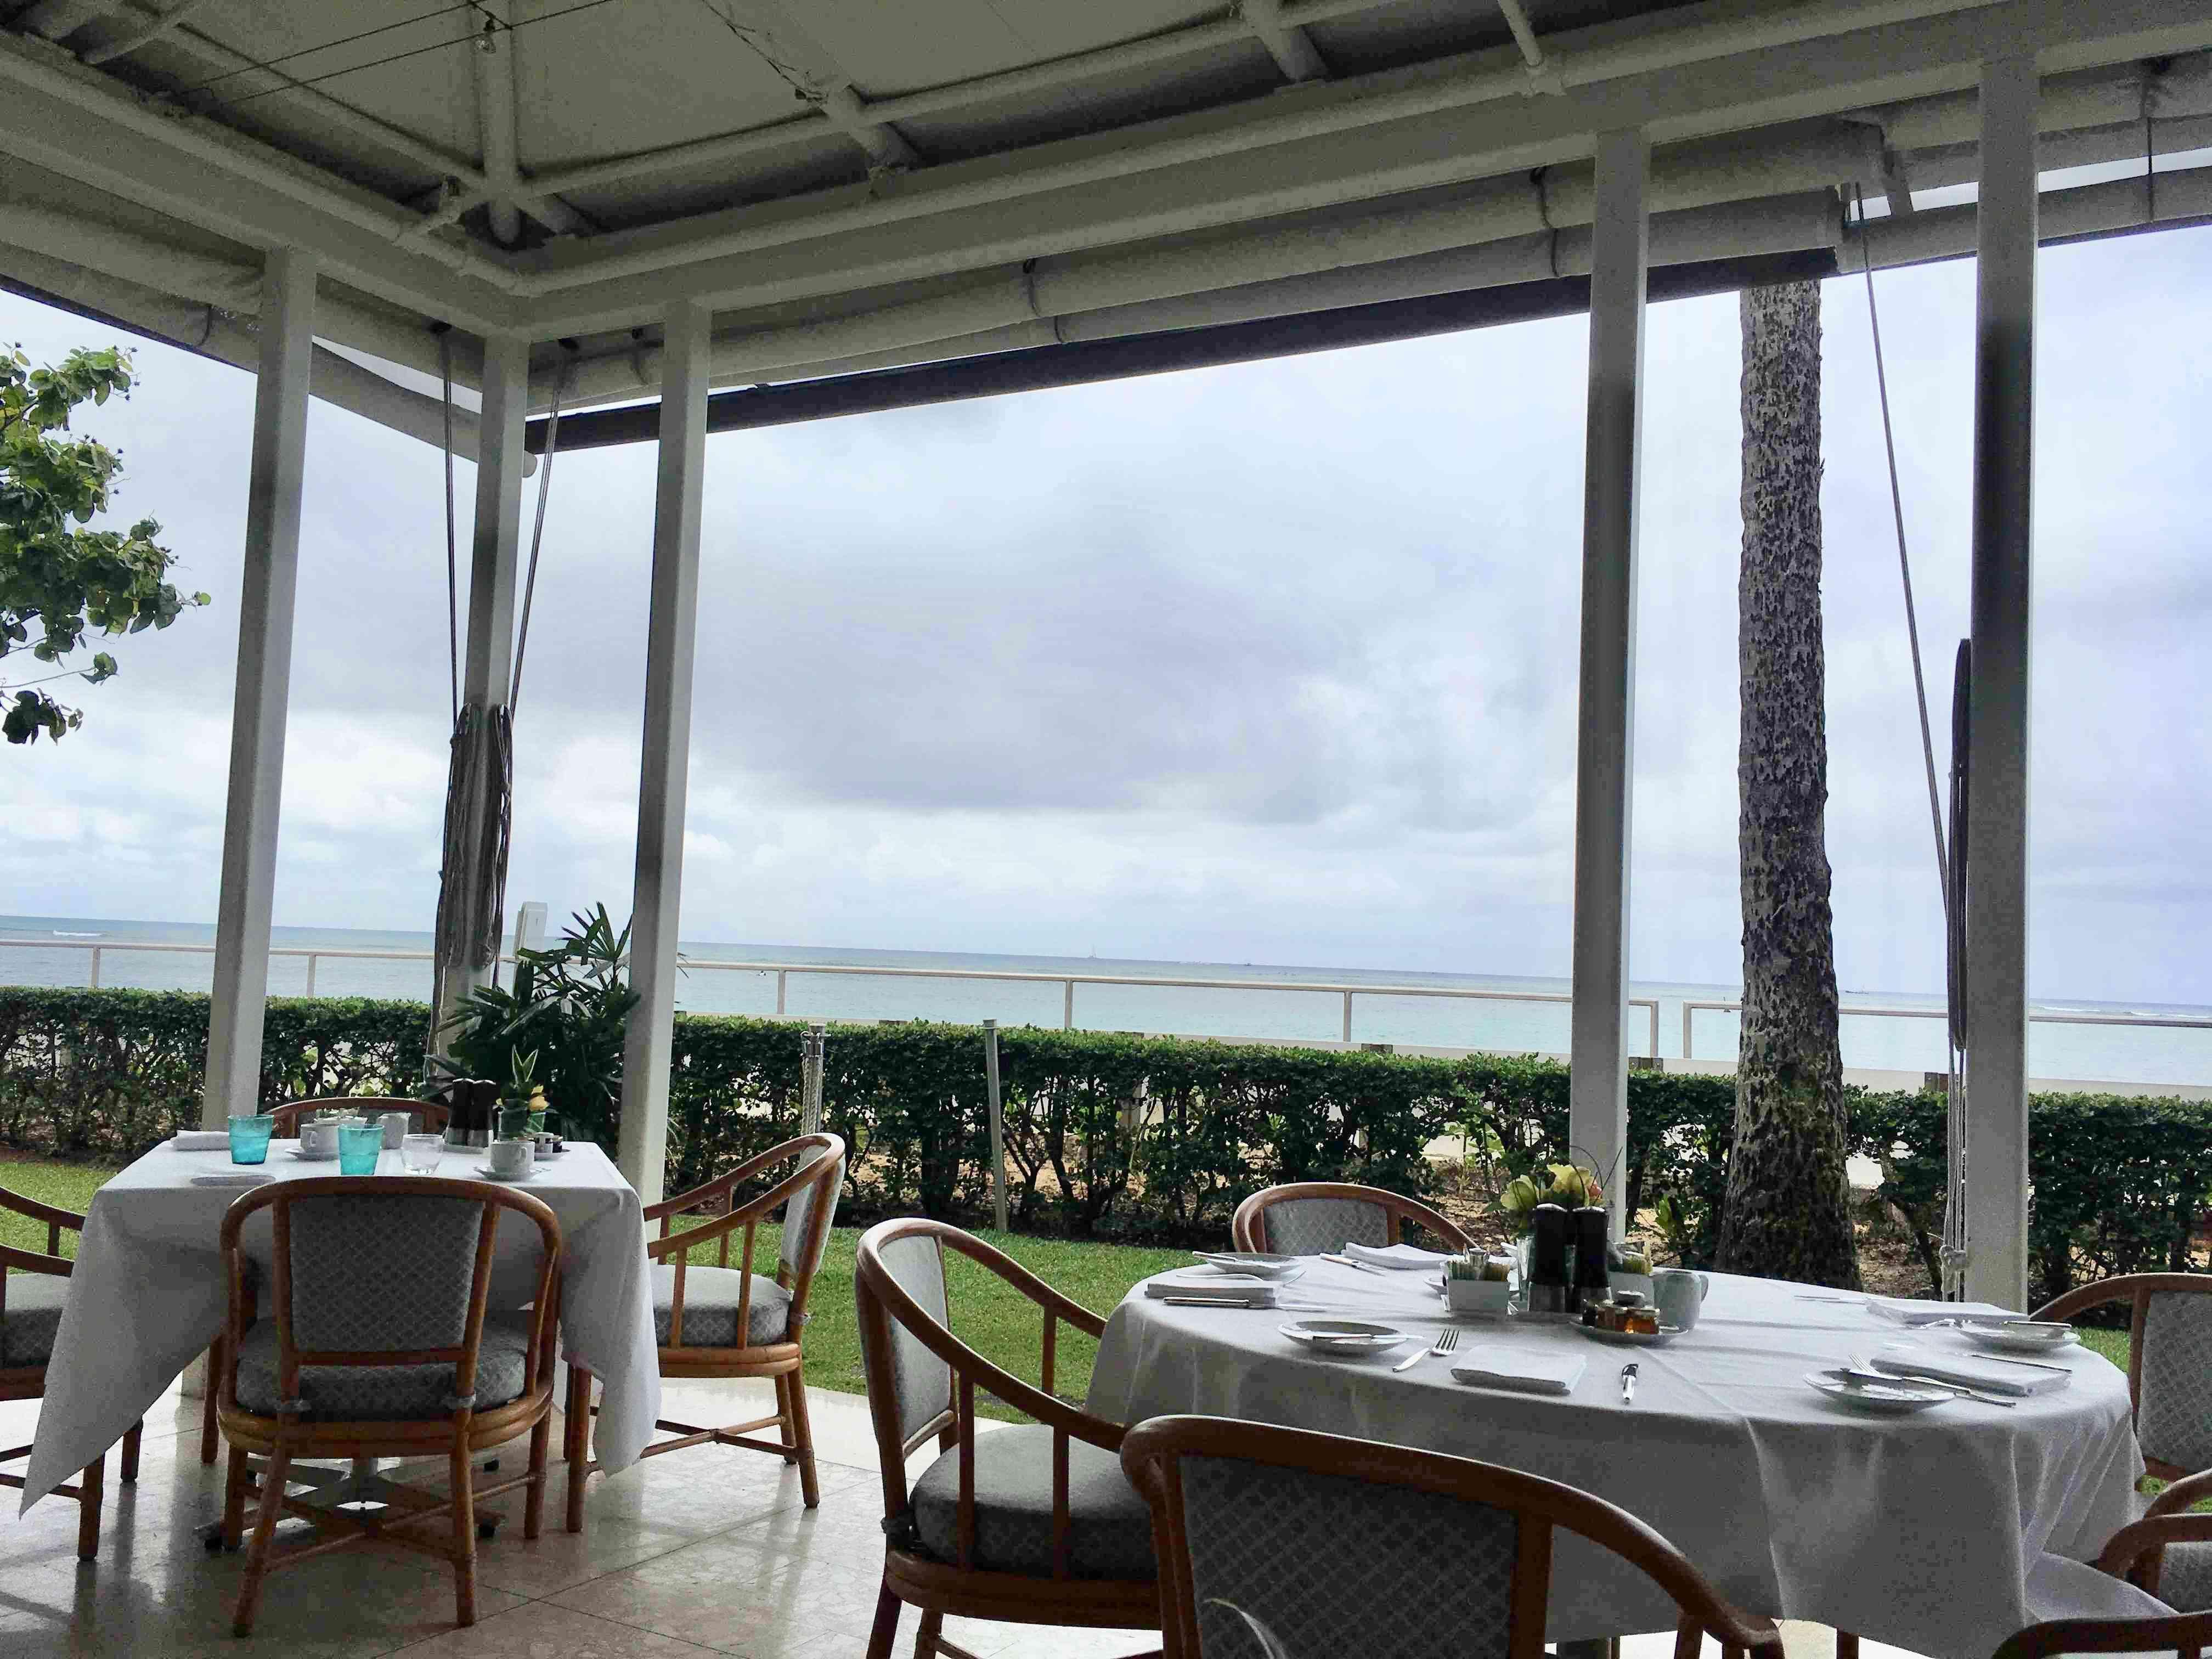 ハワイ 五つ星ホテル ハレクラニで朝食_1_2